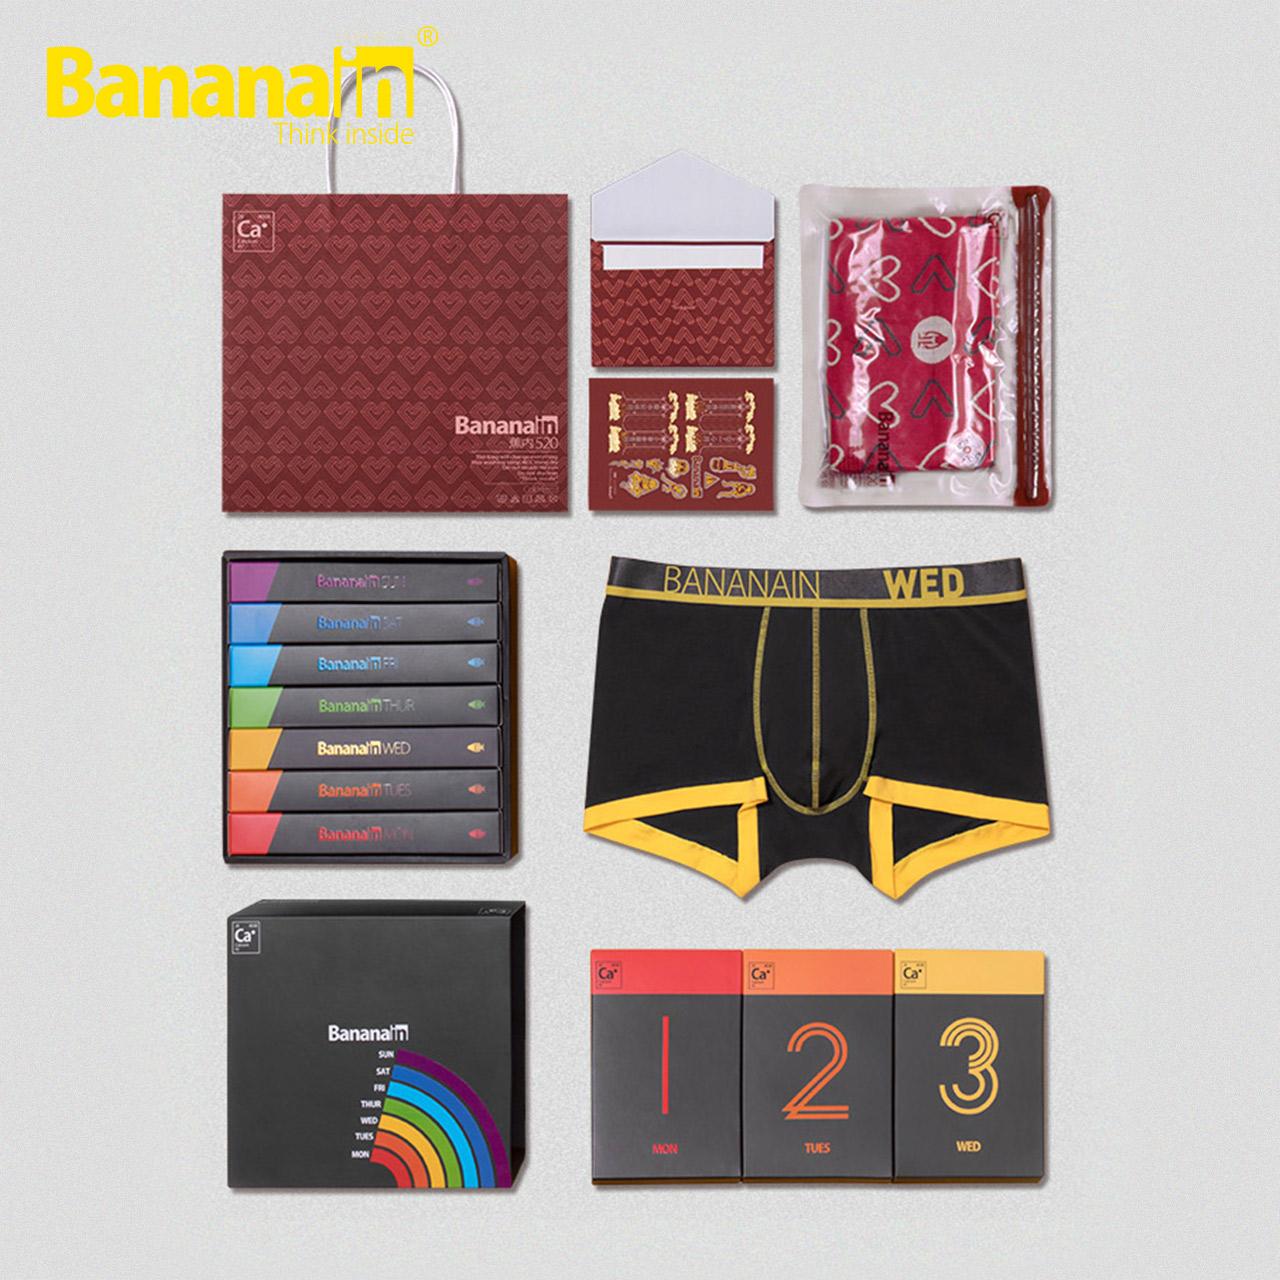 [¥258]蕉内520CL情人节限定对向限量礼盒爱心情侣内裤袜子男女朋友礼物